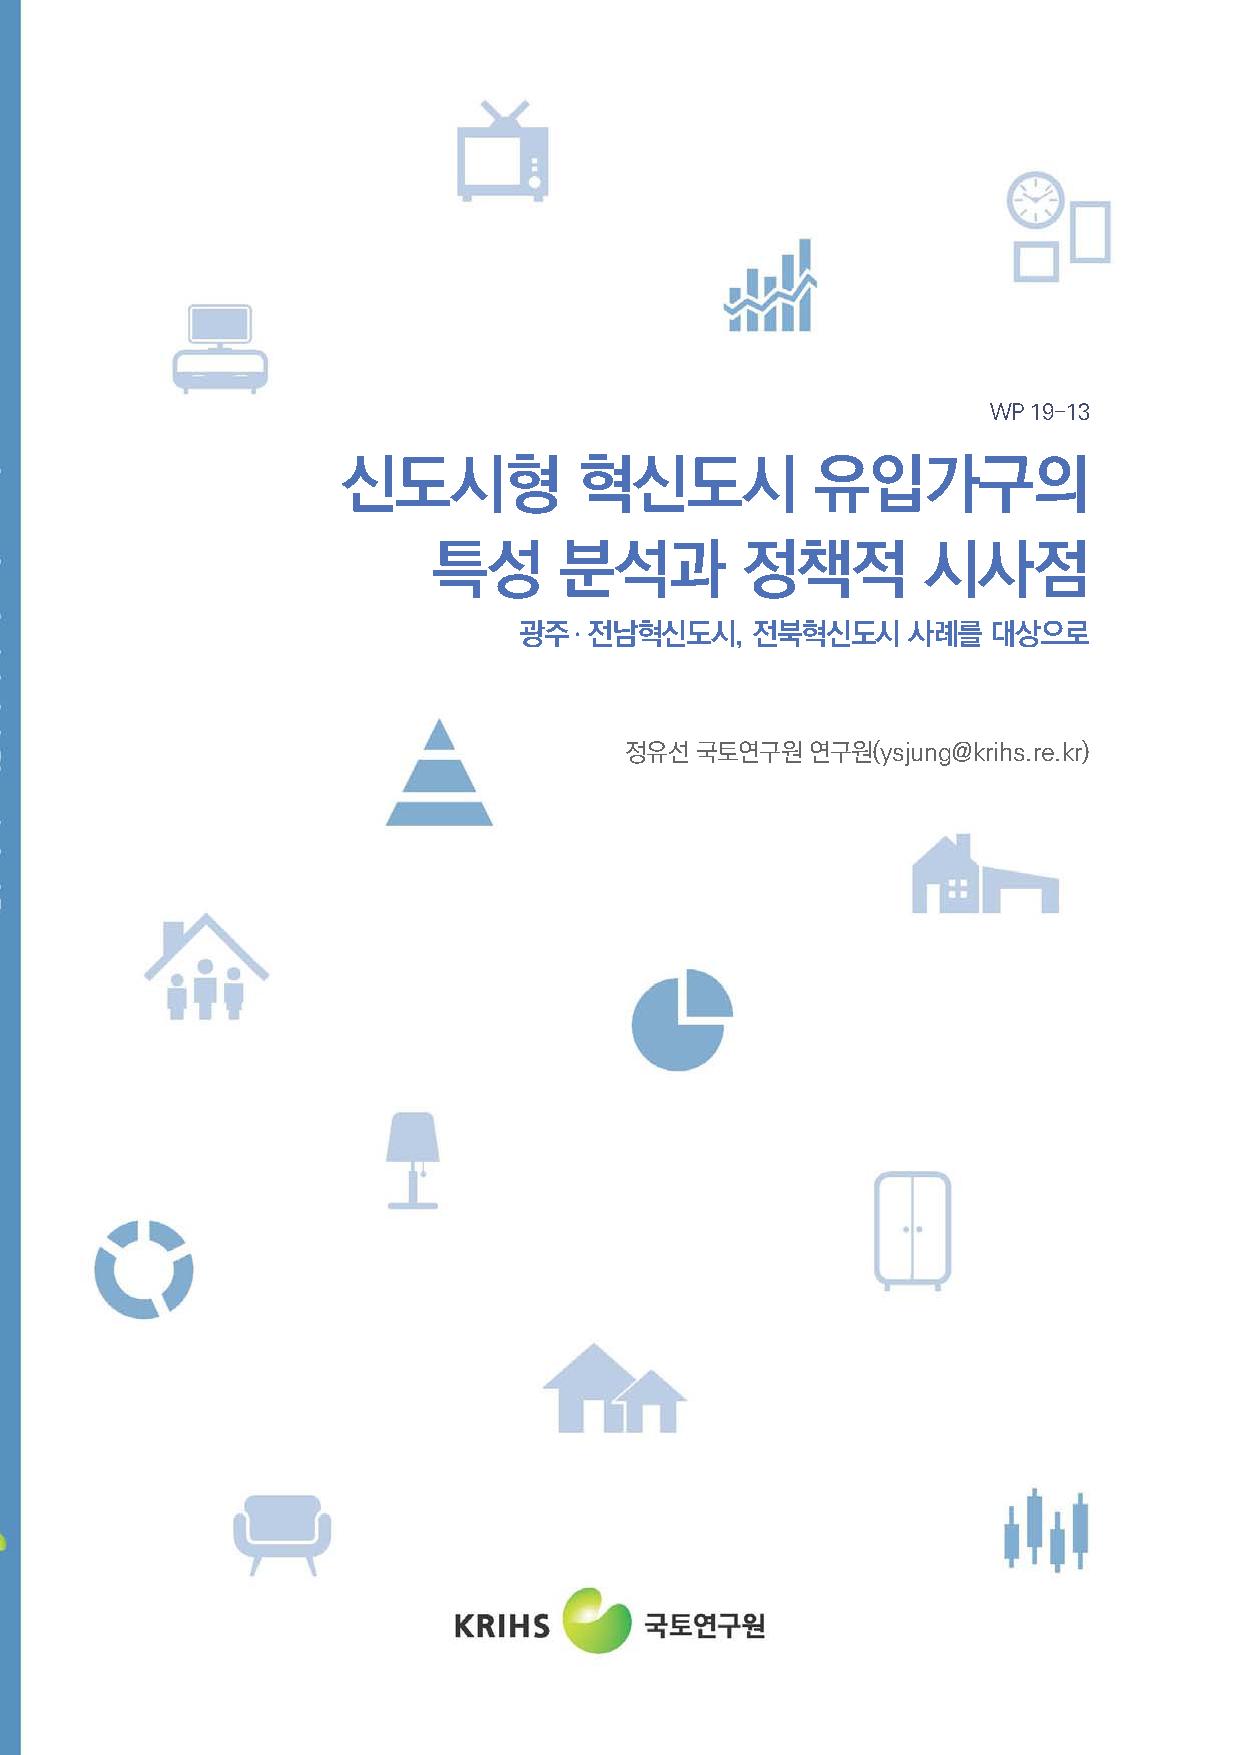 신도시형 혁신도시 유입가구의 특성 분석과 정책적 시사점: 광주·전남혁신도시, 전북혁신도시 사례를 대상으로